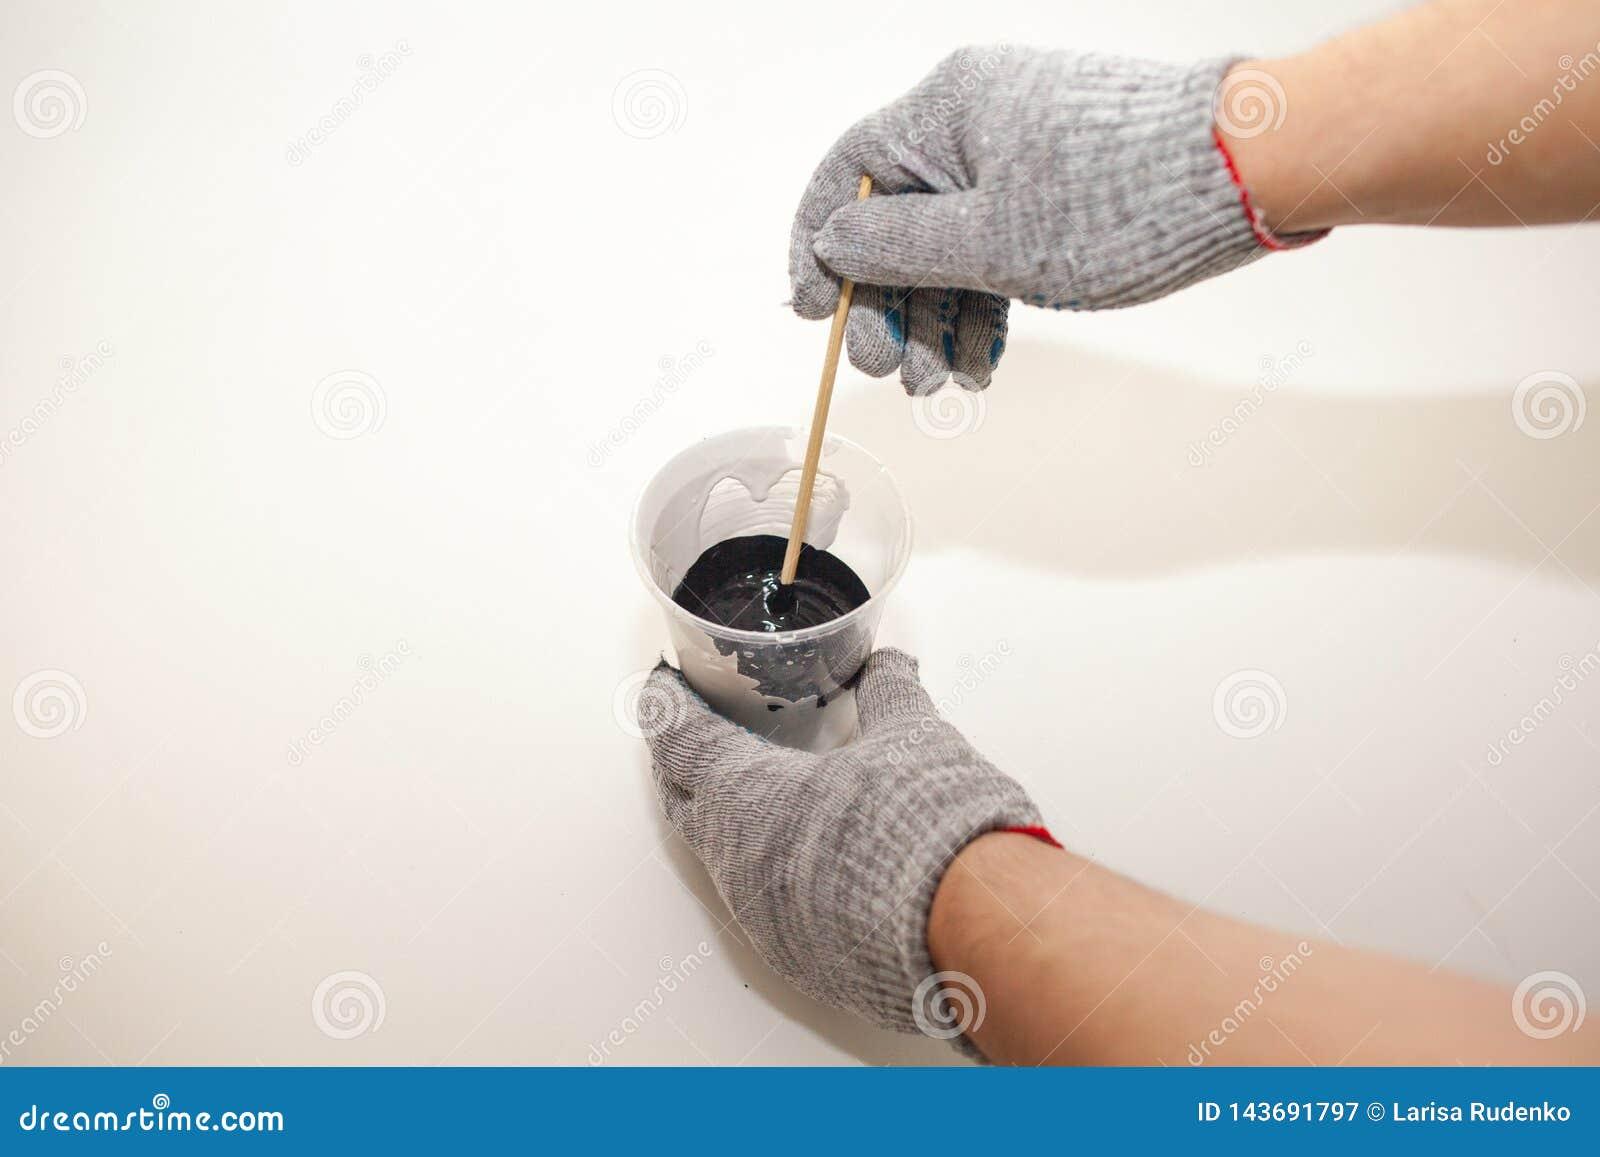 Malen Sie, um f?r das Mischen von Farben, Mischen von Farben f?r das Malen von Brettern zu gie?en